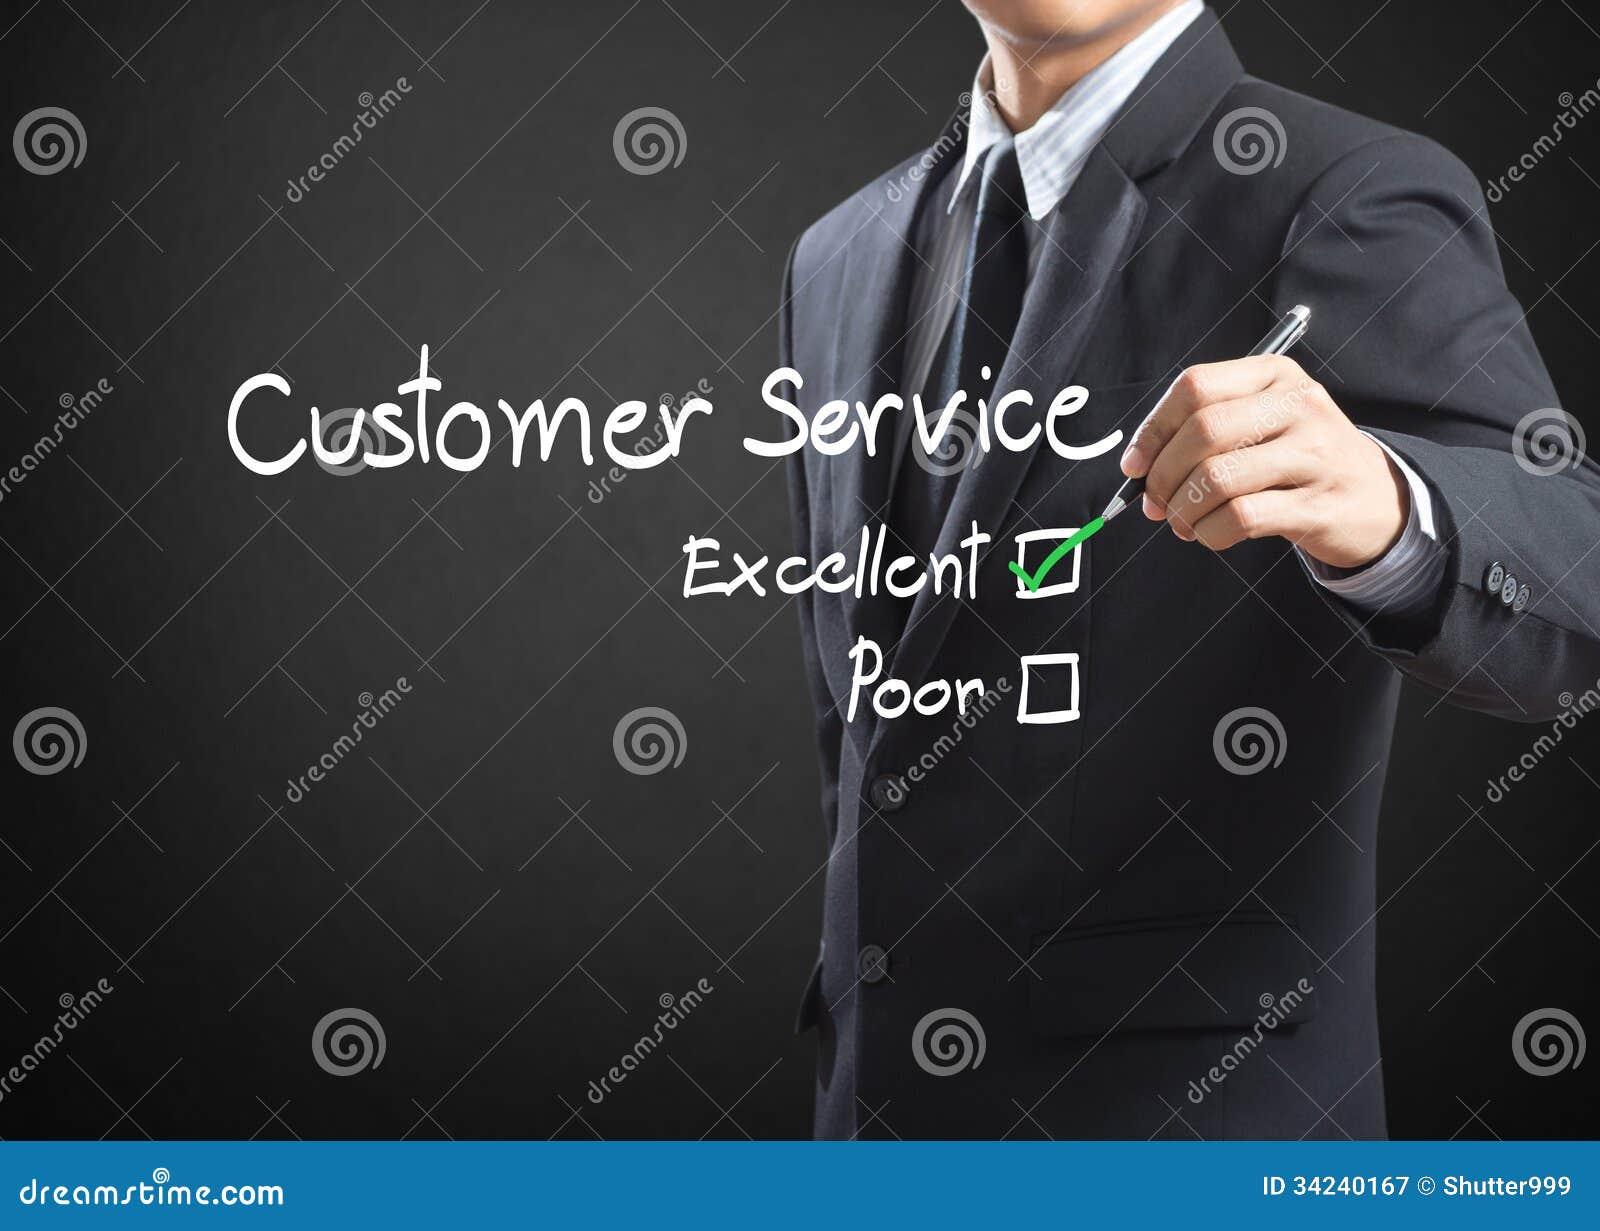 Casella di controllo eccellente su servizio di assistenza al cliente